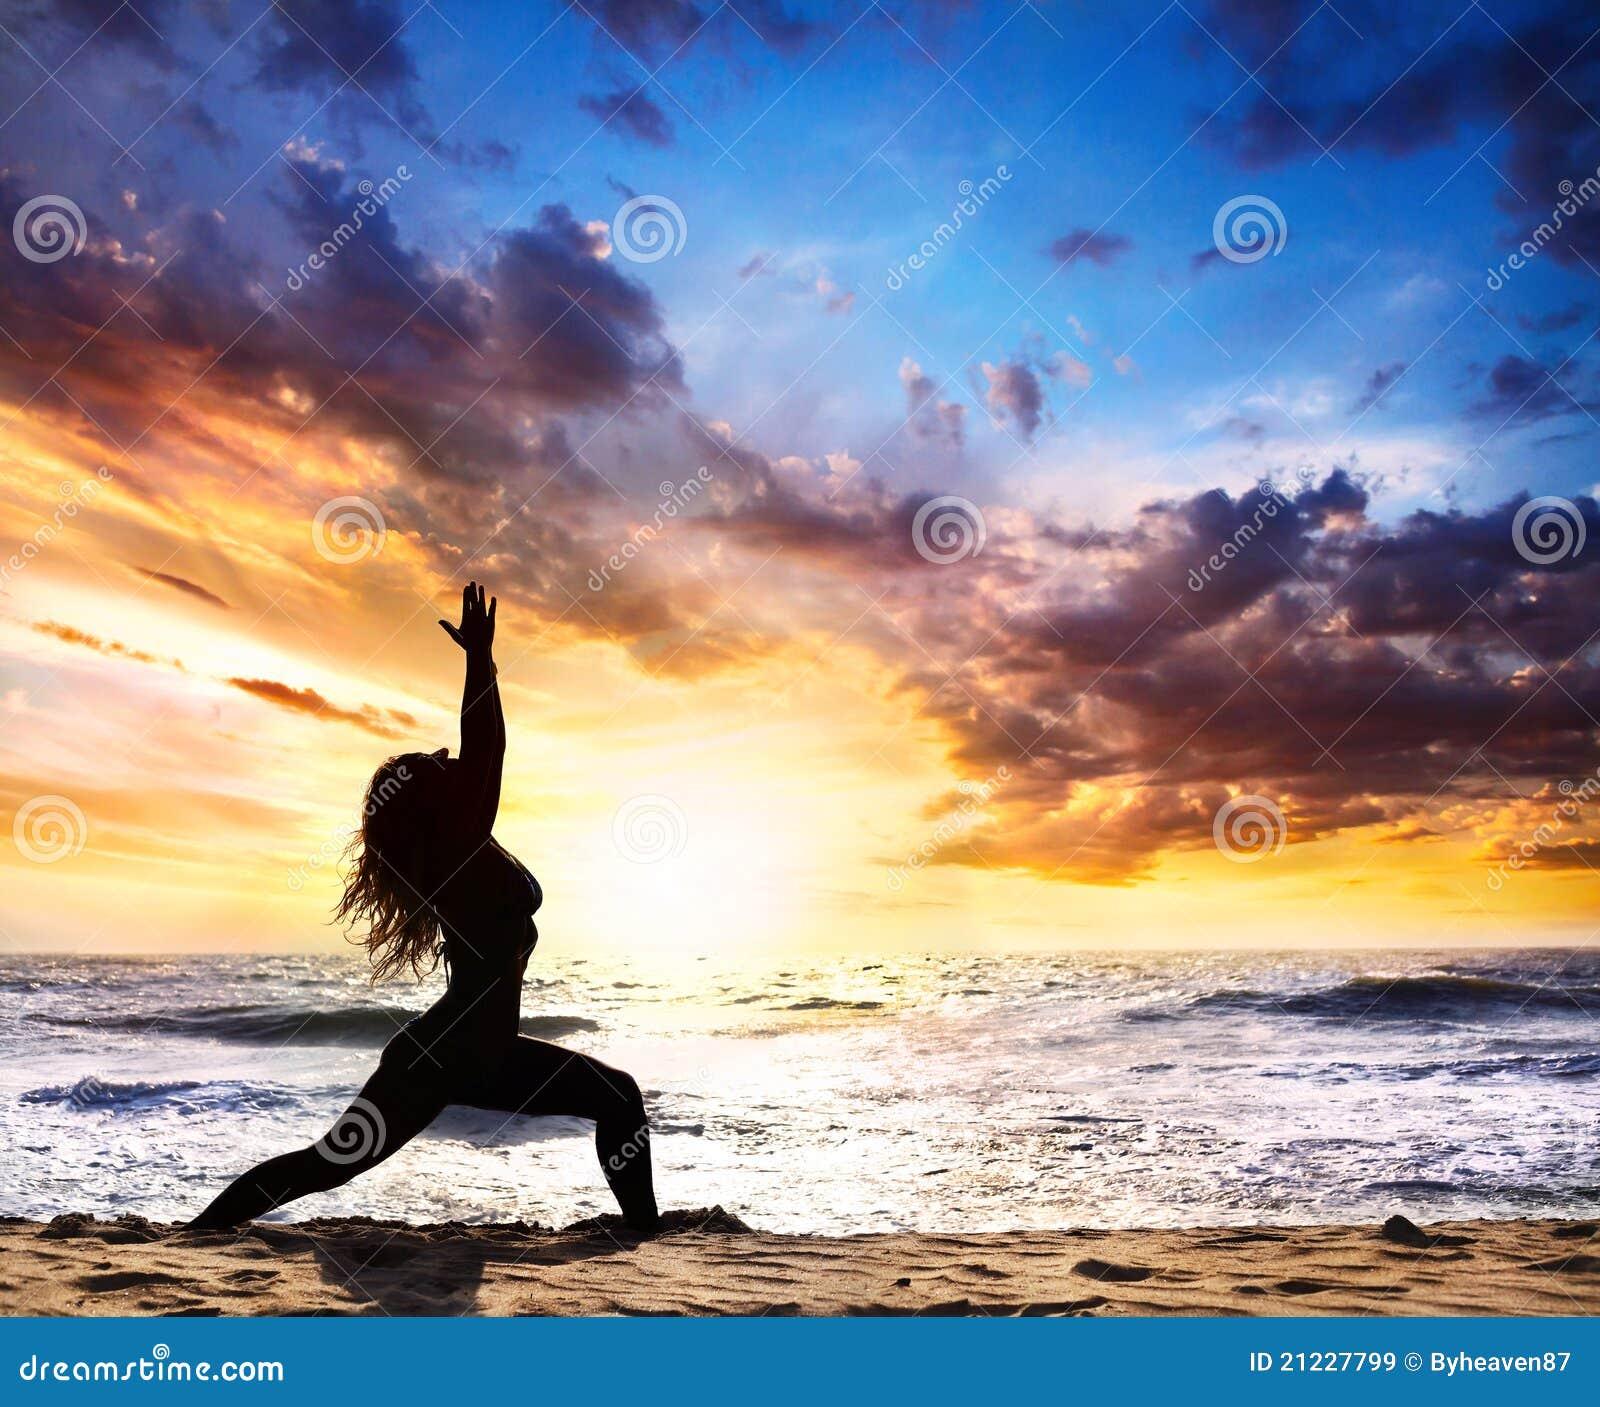 Woman With Beautiful Body In Bikini At Beach Stock Image: Yoga Silhouette Warrior Pose Stock Image